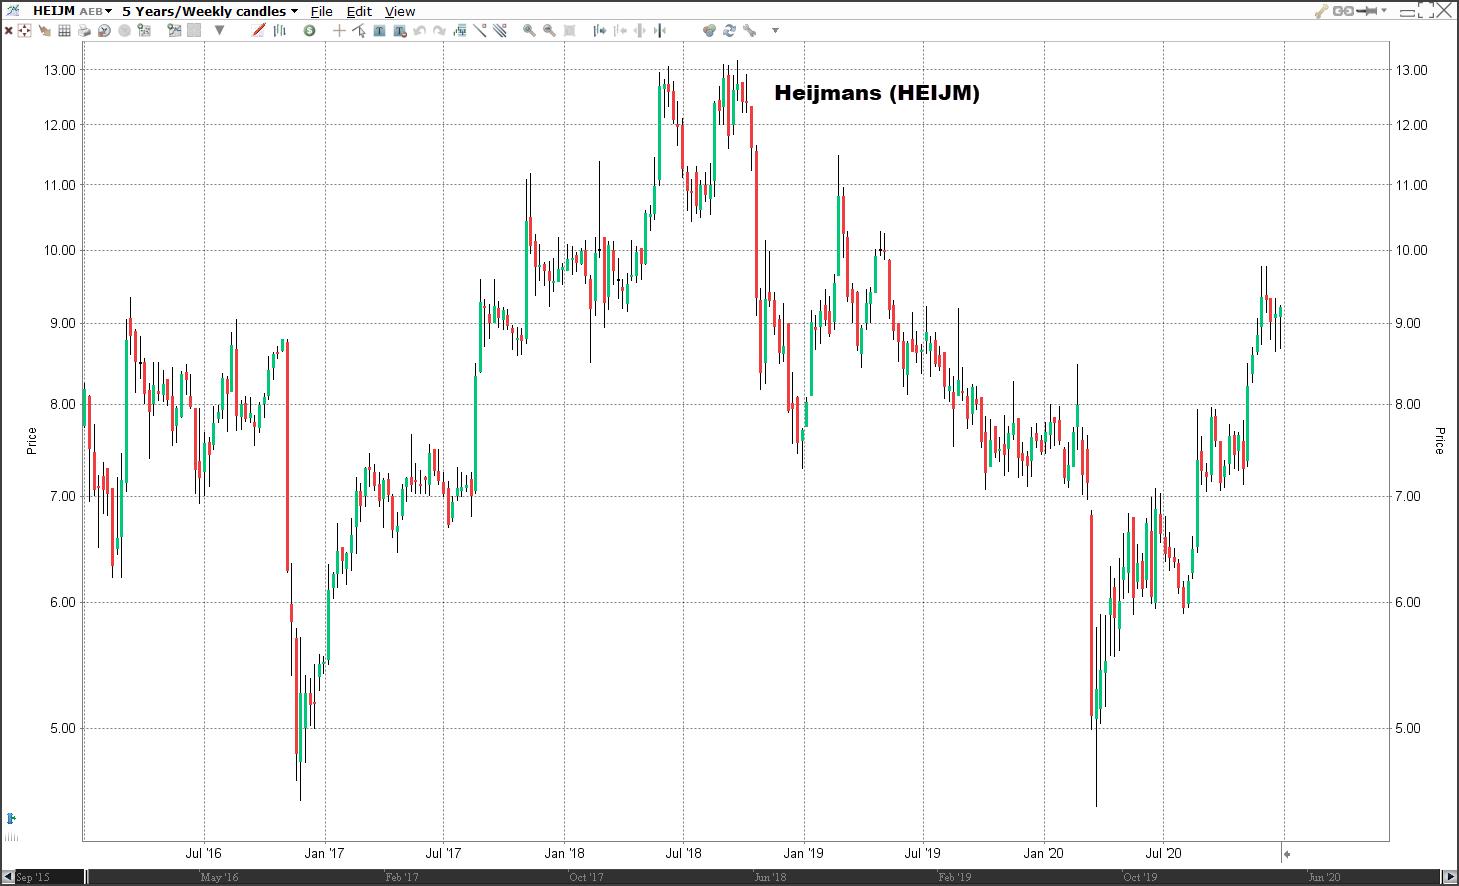 Aandeel Heijmans koers   Welke aandelen kopen 2021?